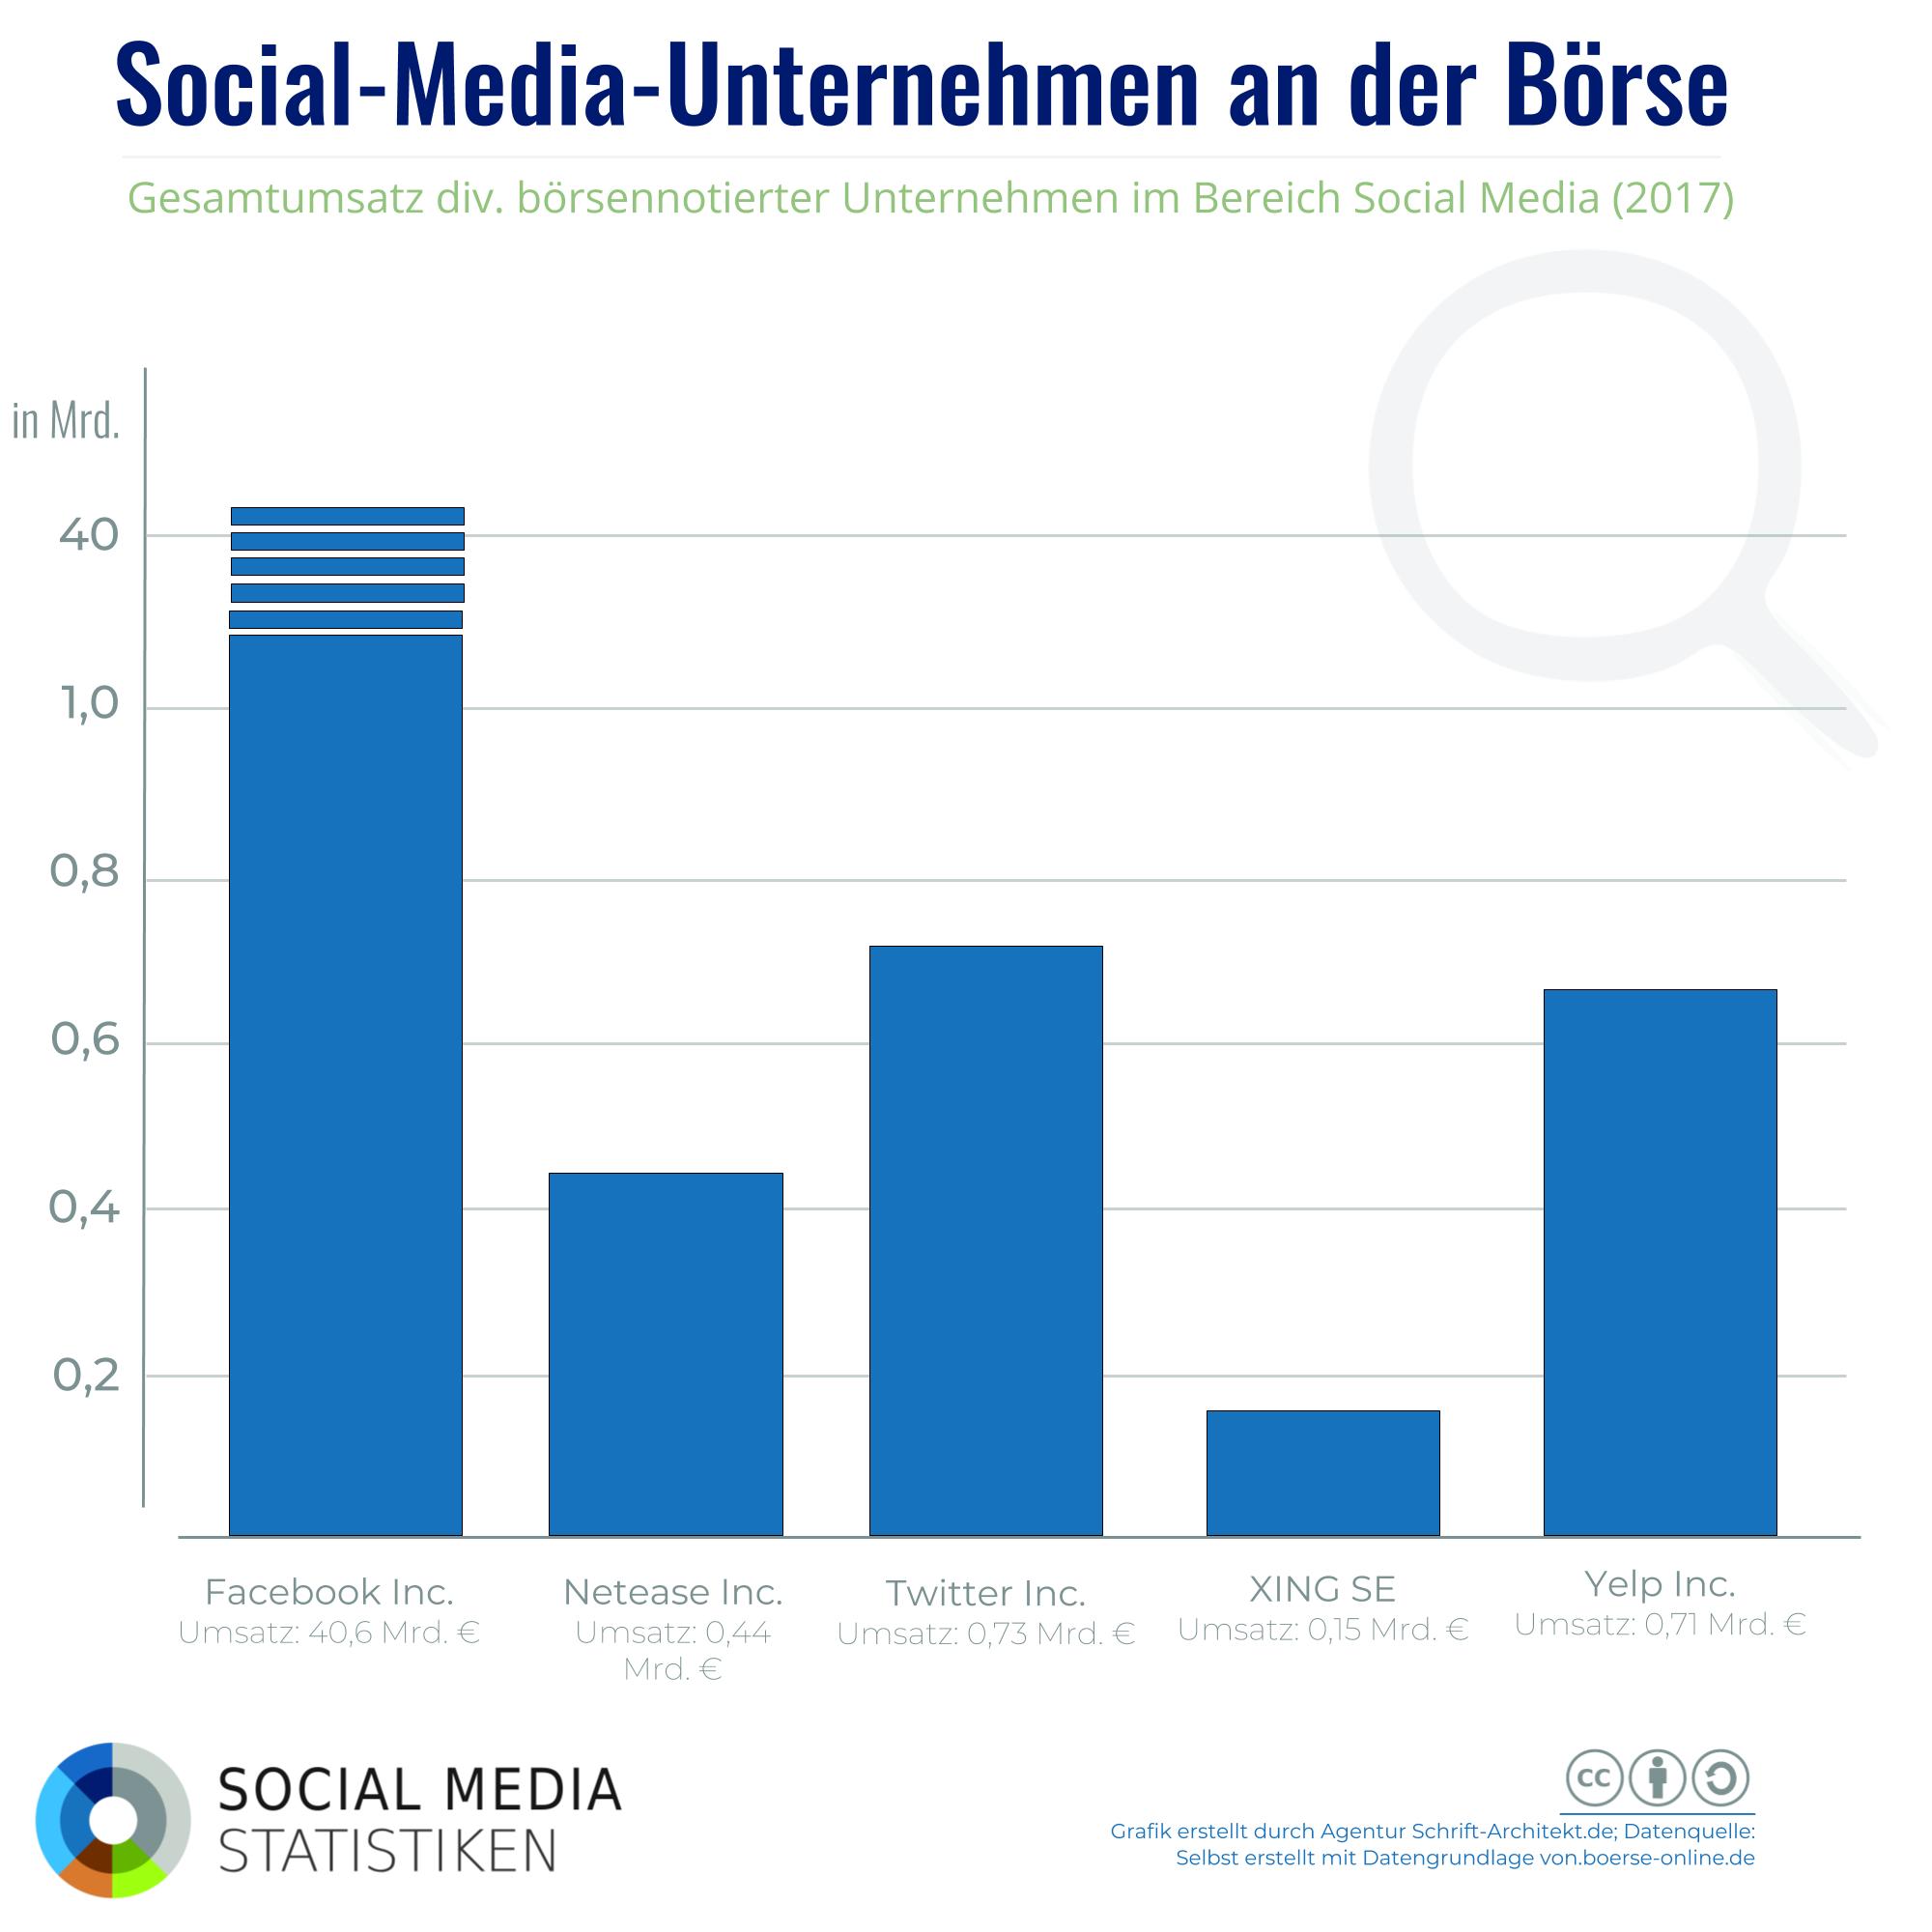 Nicht immer Milliarden: Die größten Börsengänge von Social-Media-Unternehmen